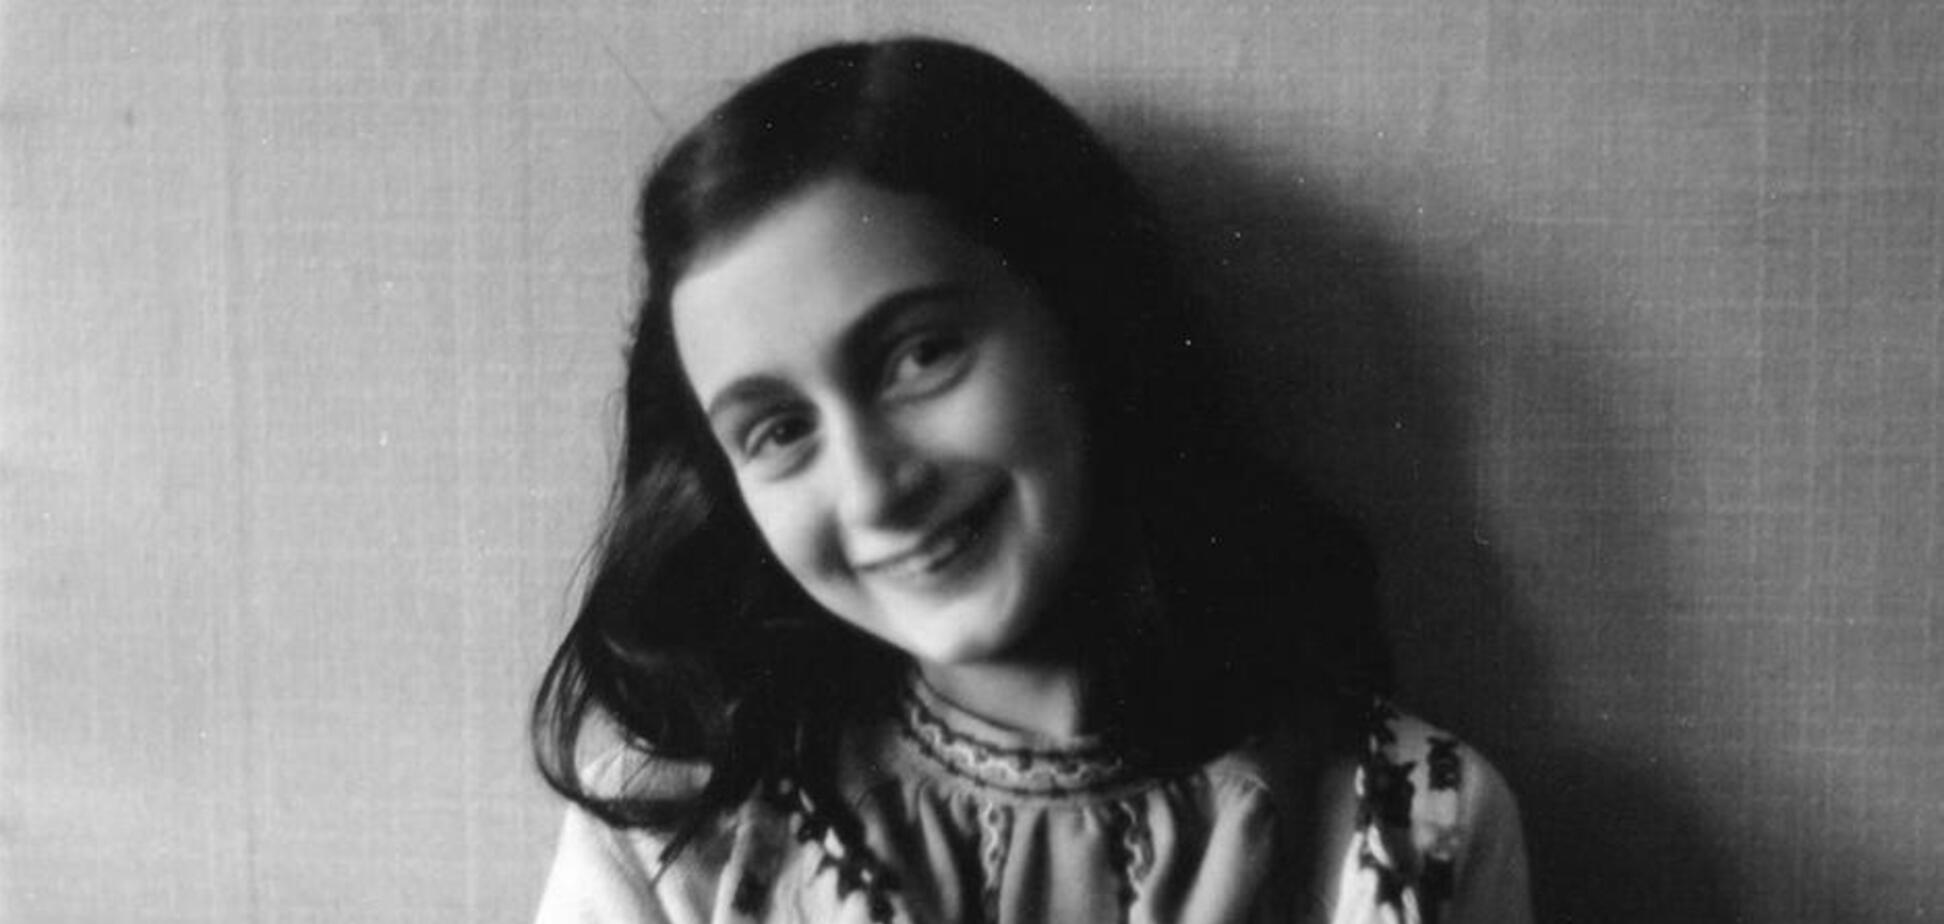 Щоденник Анни Франк: як загибла в концтаборі 13-річна єврейська дівчинка підкорила світ